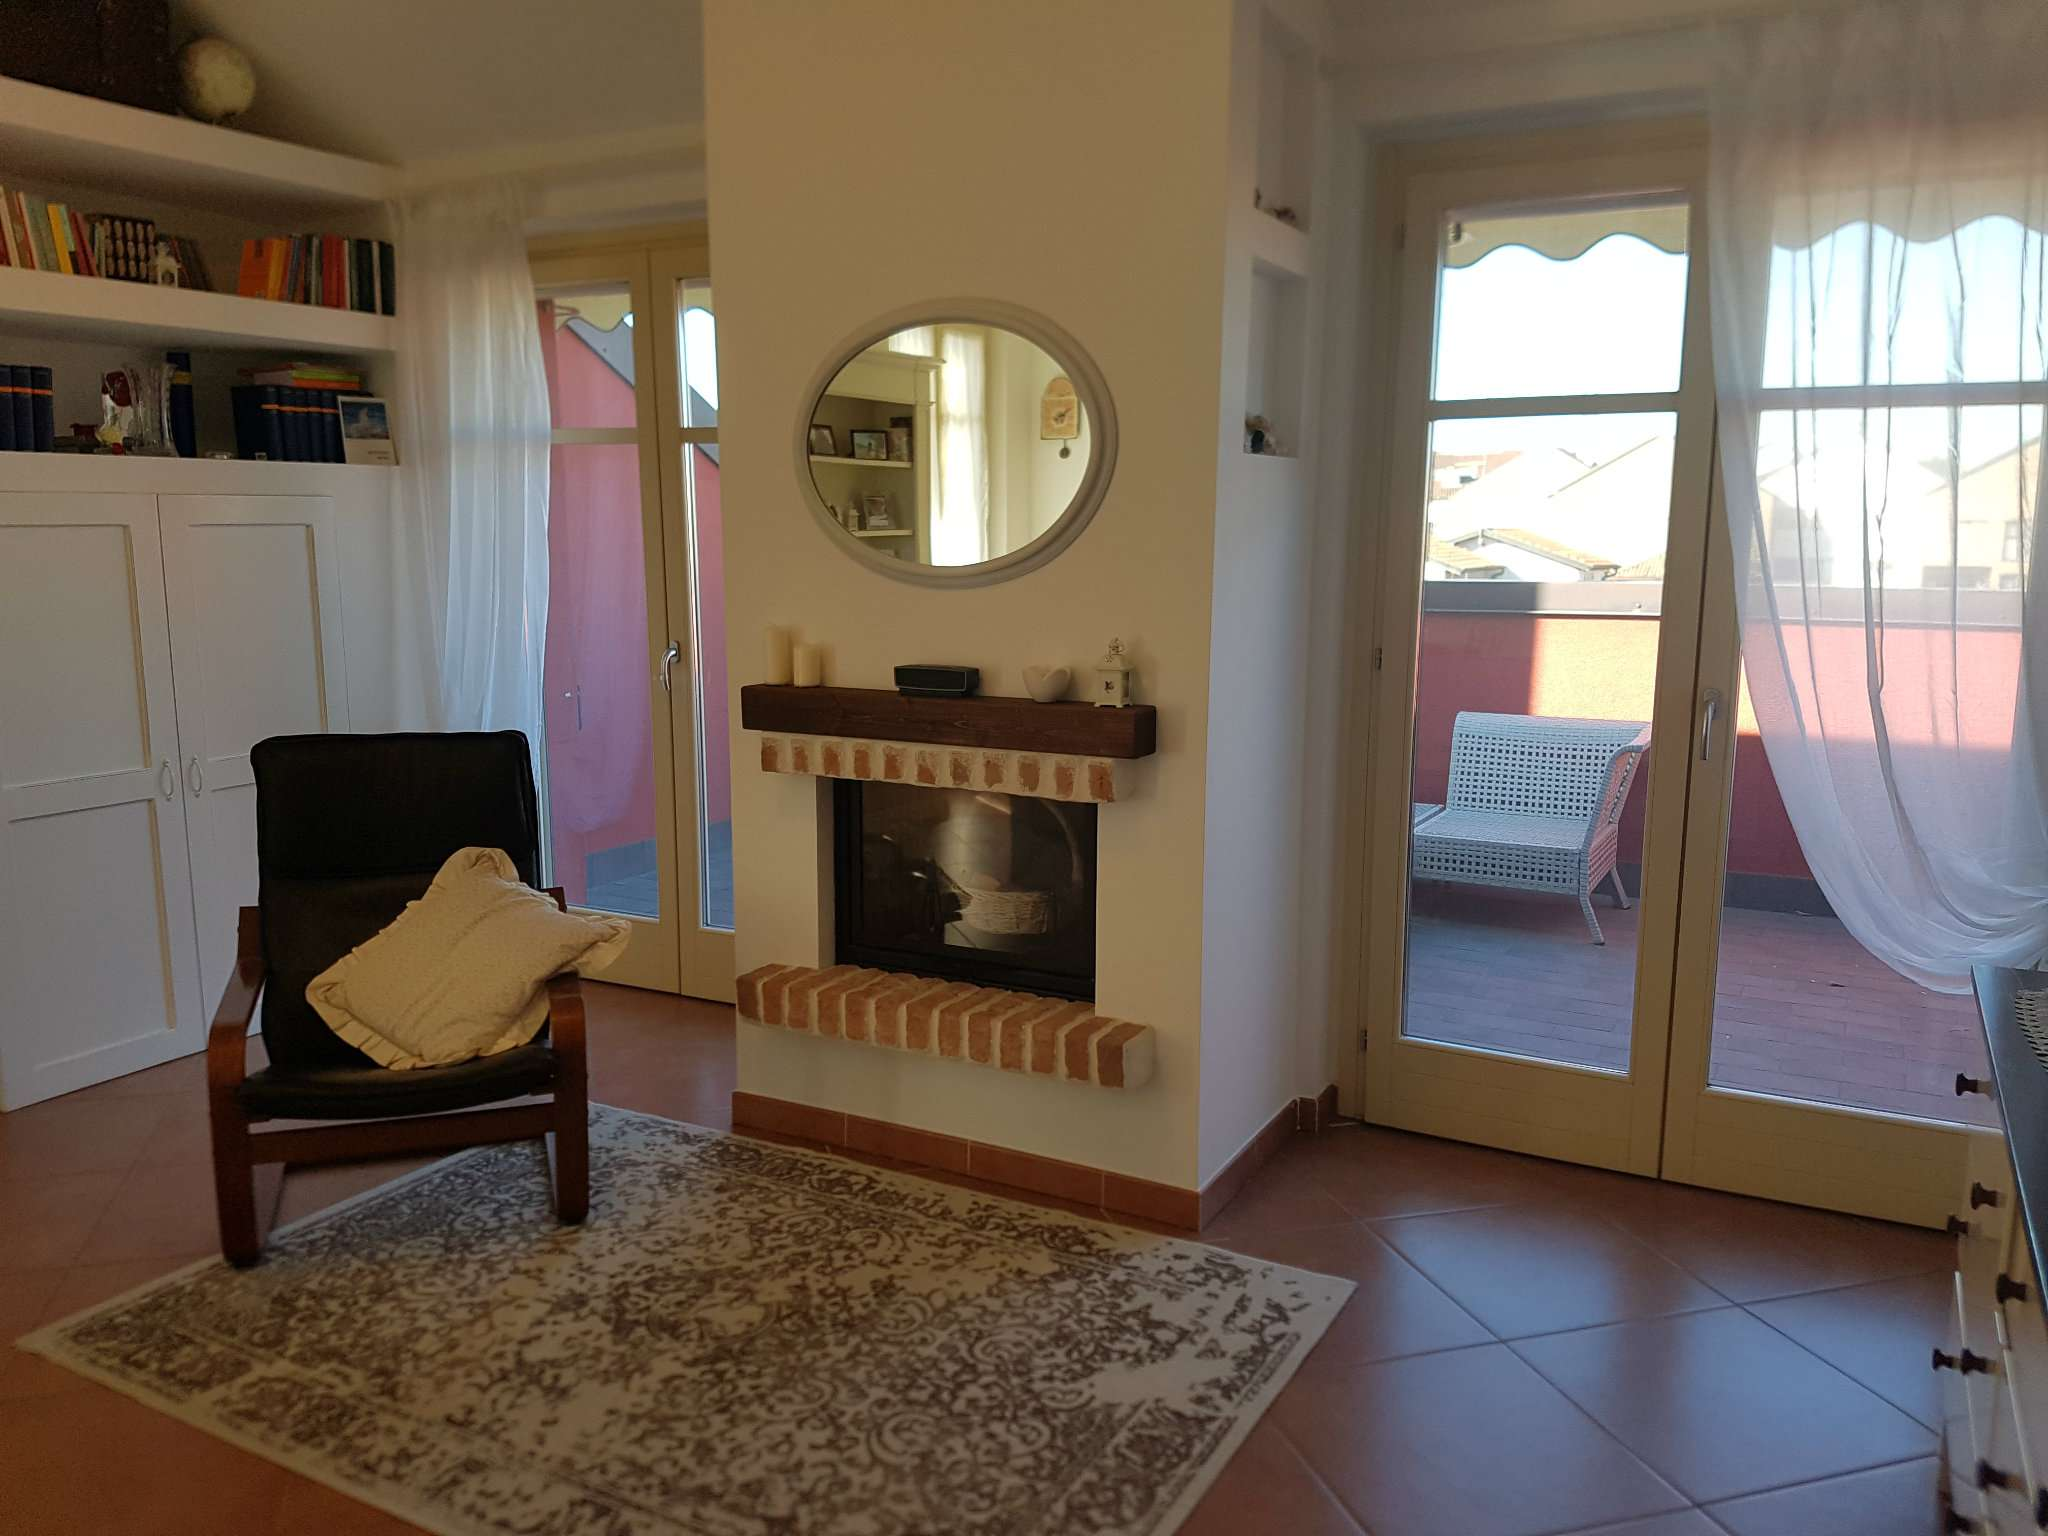 Attico / Mansarda in vendita a Peschiera Borromeo, 3 locali, prezzo € 320.000 | Cambio Casa.it